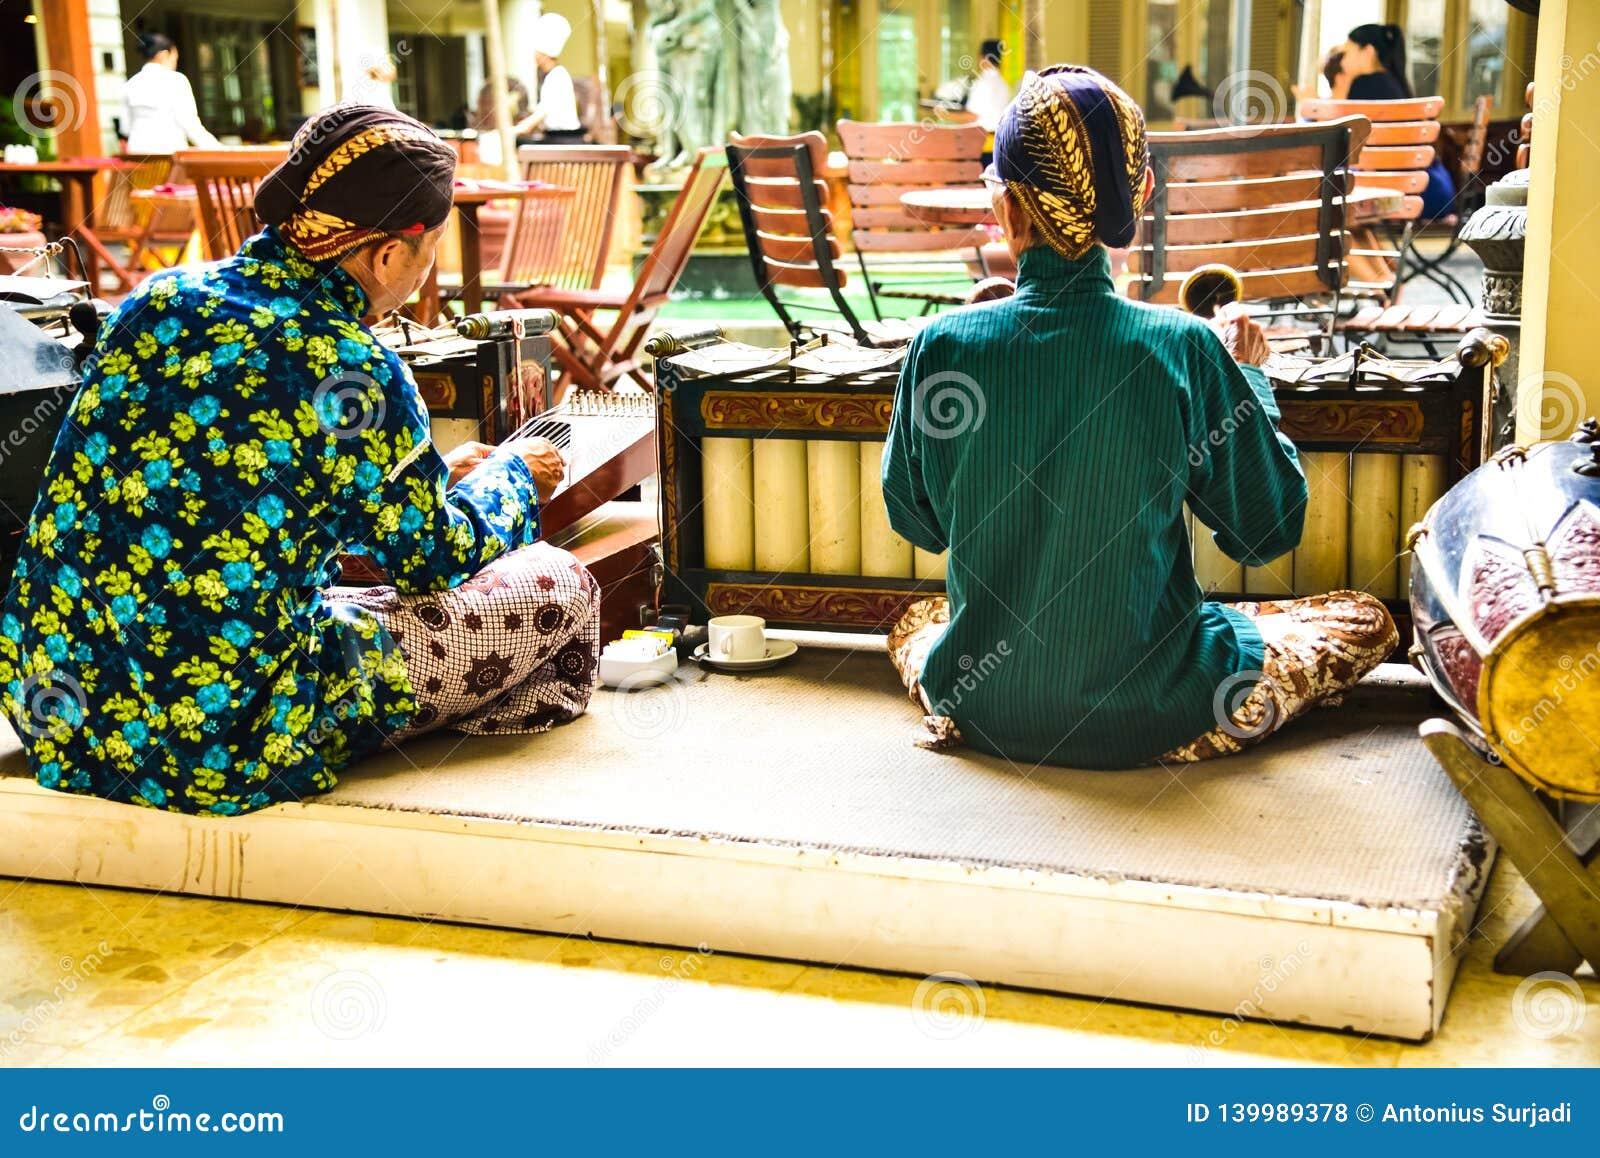 Uomini anziani che portano uniforme tradizionale che gioca con i vecchi e strumenti di musica antichi